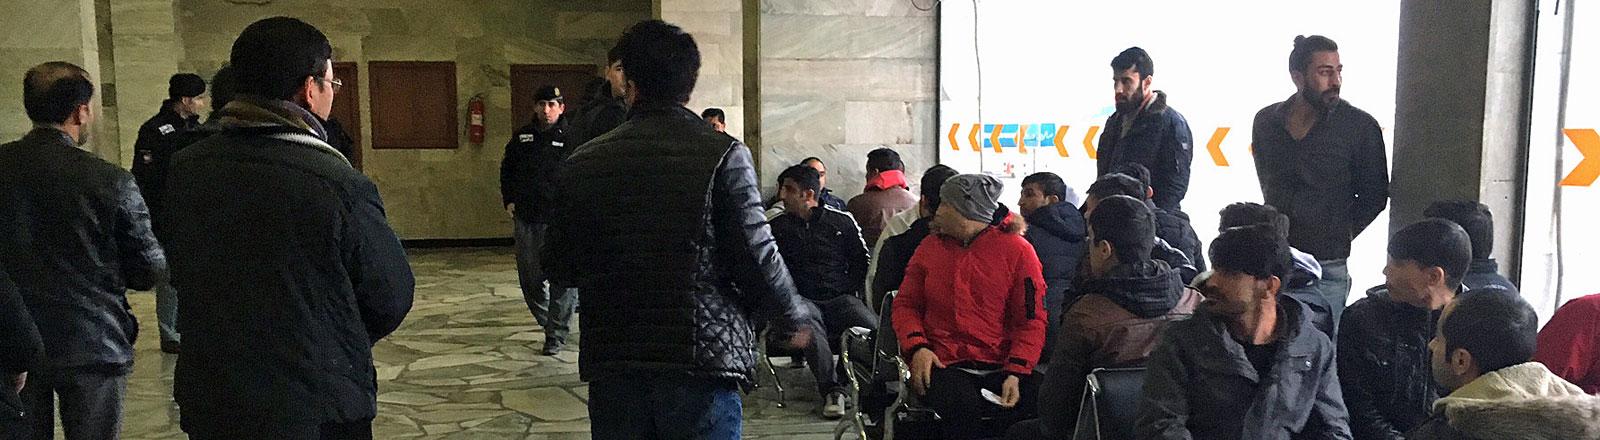 Aus Deutschland abgeschobene Flüchtlinge am Flughafen Kabul